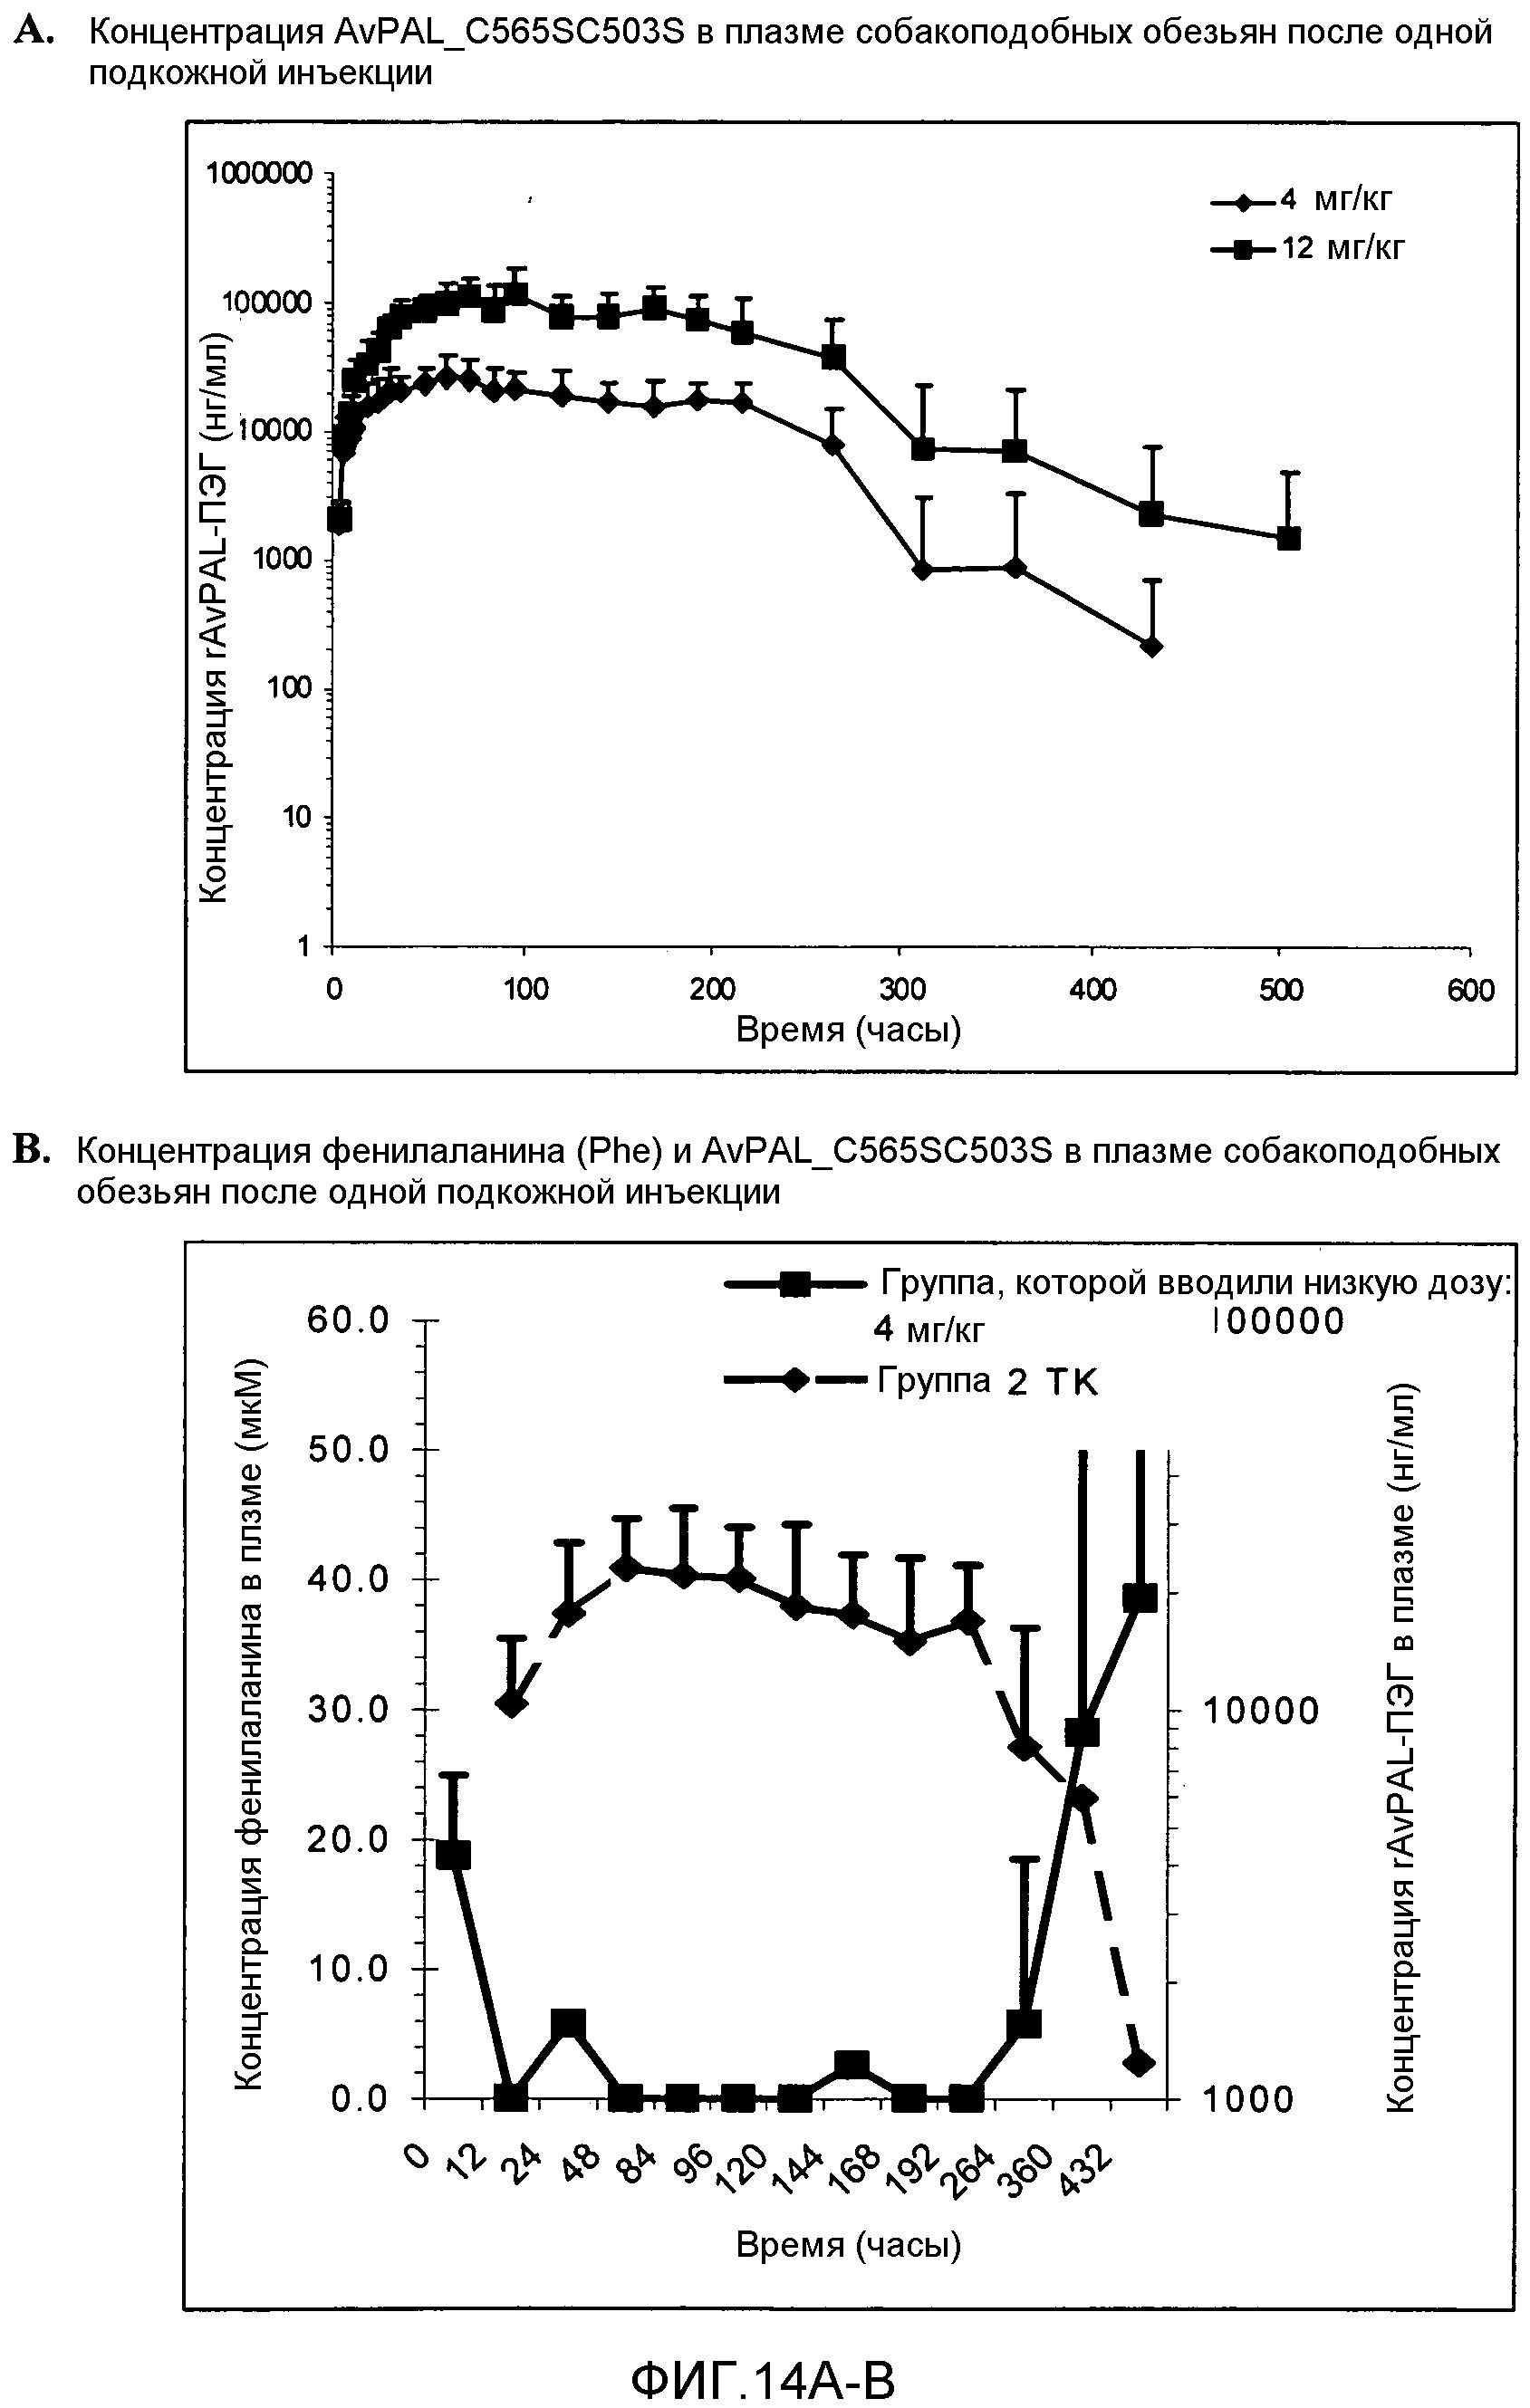 Композиции прокариотической фенилаланин-аммиак-лиазы и способы лечения рака с использованием таких композиций